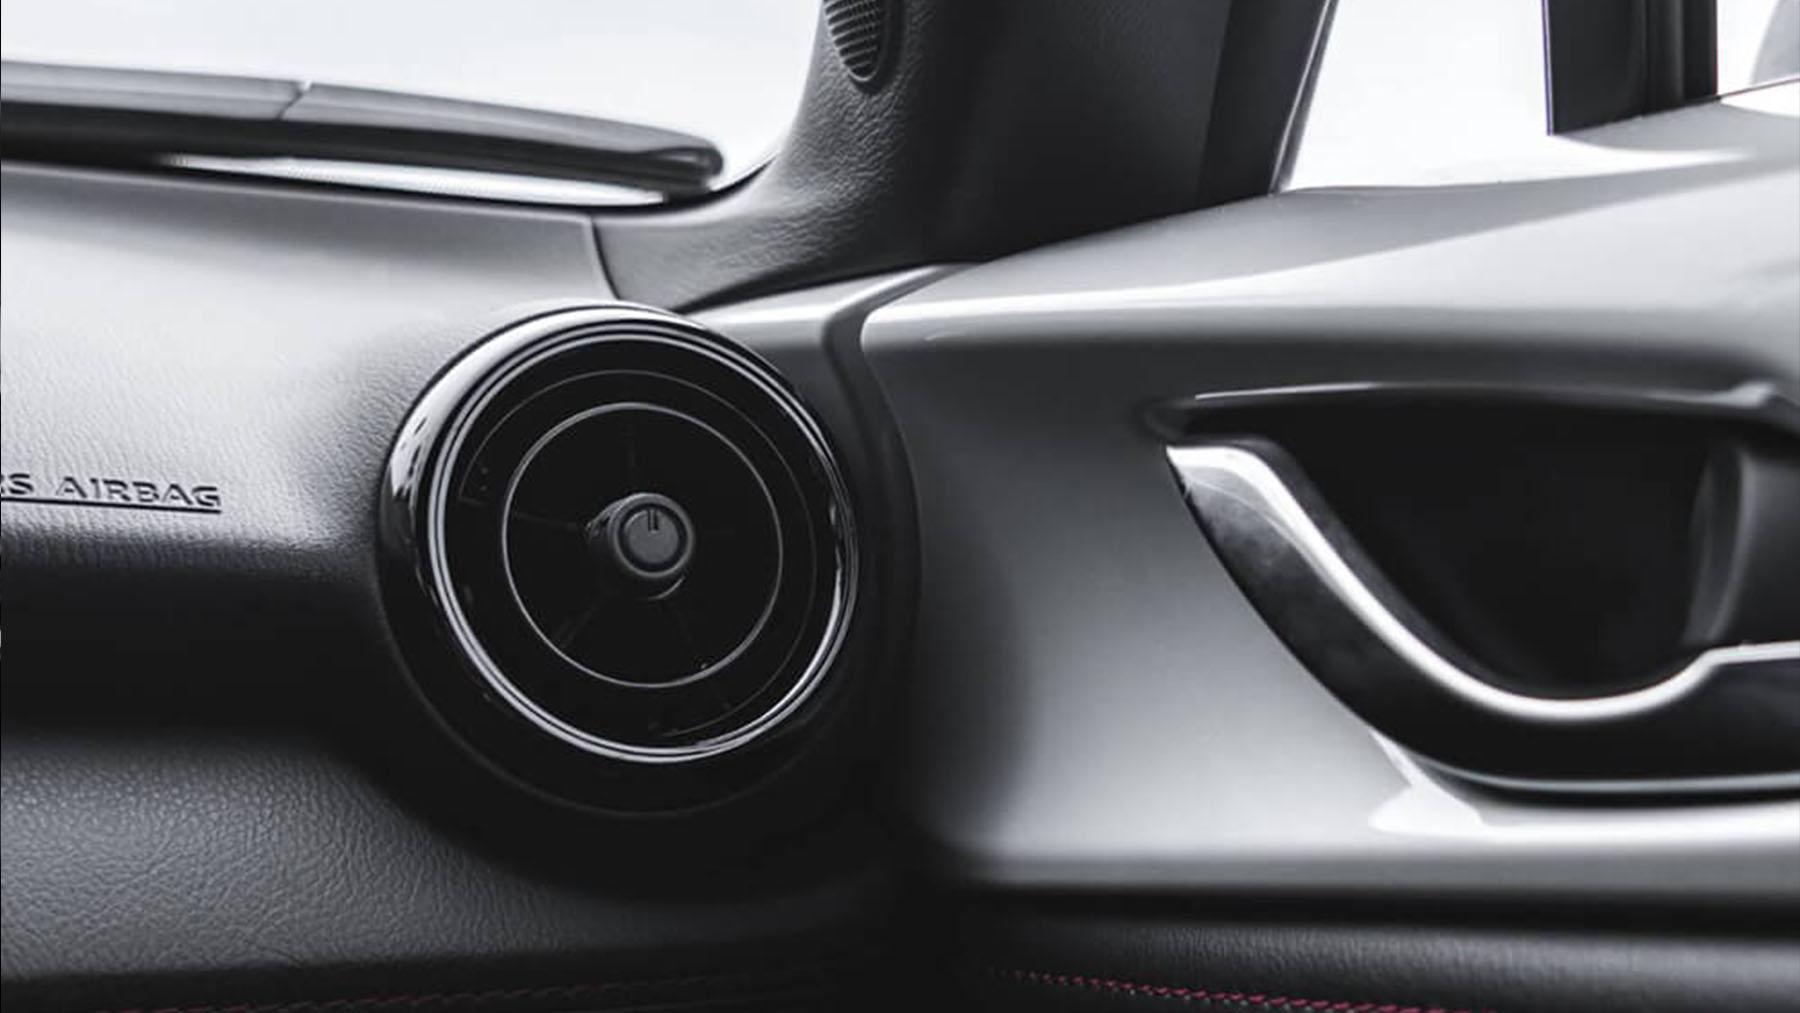 2019 Mazda Mx 5 Miata Interiorjpg (1) Copy